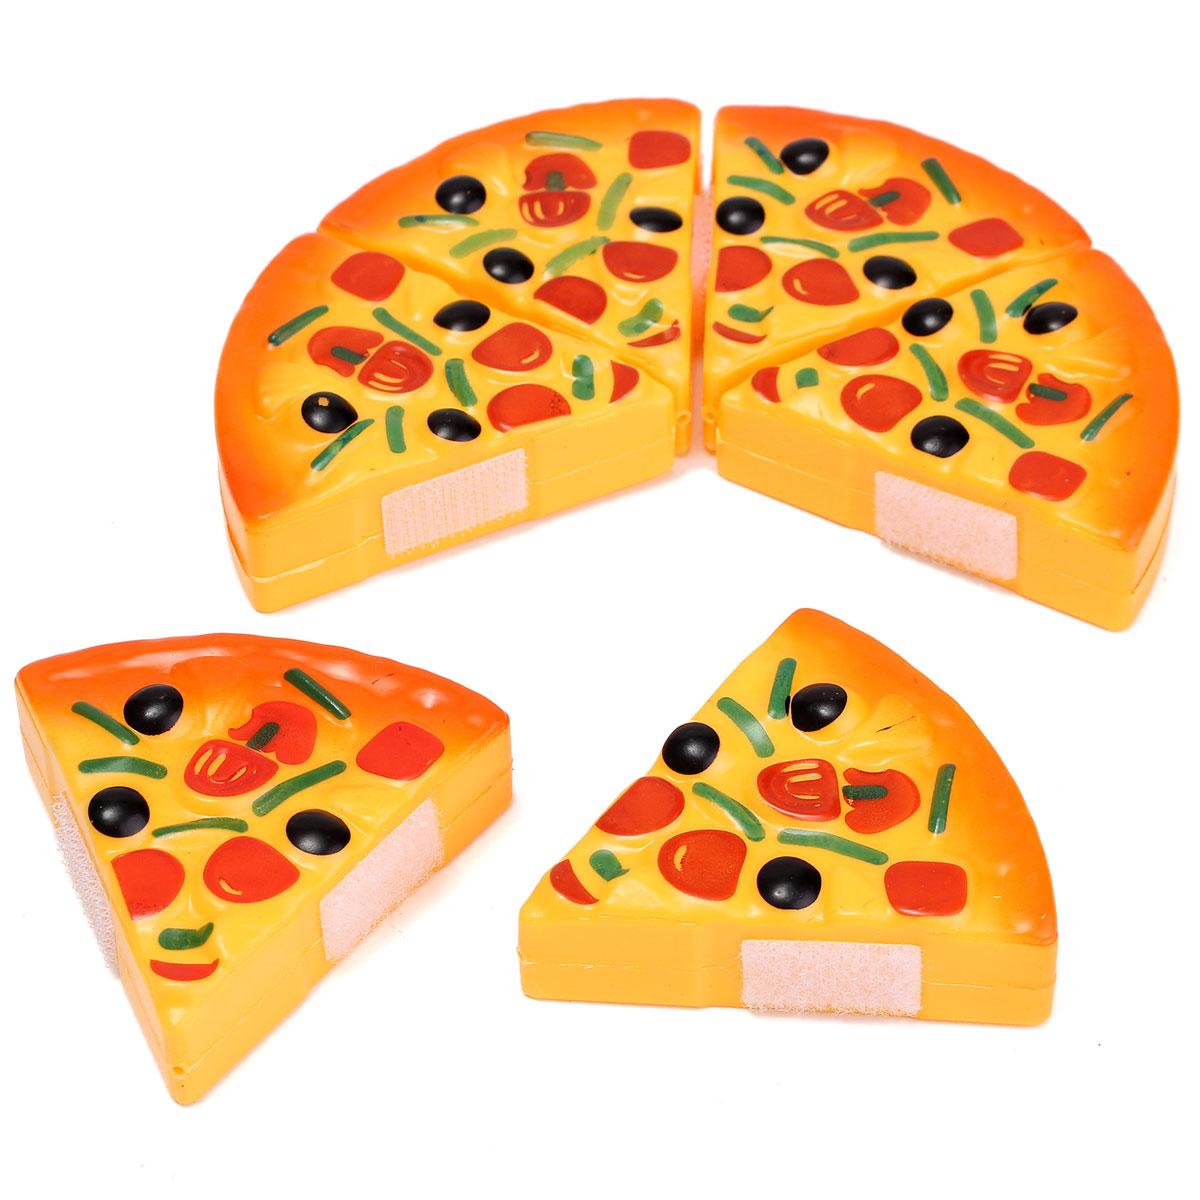 Детские резки Пластик пиццы игрушка Еда Кухня симулировать ролевые игры Игрушки для раннего развития и образование игрушки ...